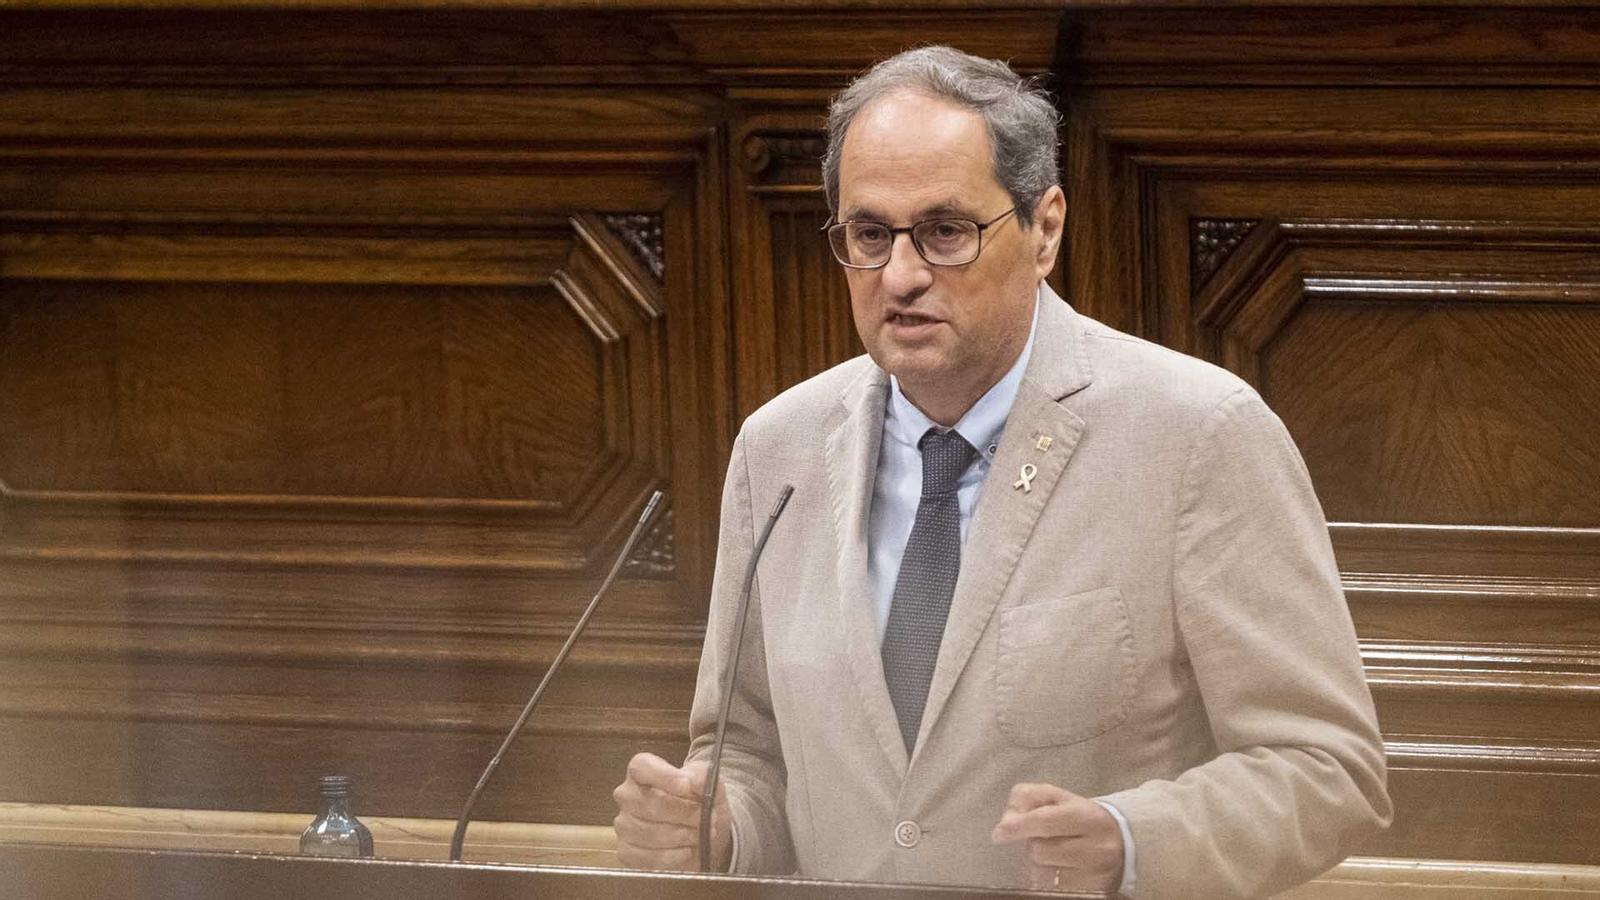 Pendents de la inhabilitació del president Torra, Ayuso es compara amb Catalunya, el món arribarà avui al milió de morts per covid-19 i el Barça debuta amb golejada a la Lliga, 4-0 al Vila-real: les claus del dia, amb Antoni Bassas (28/09/2020)